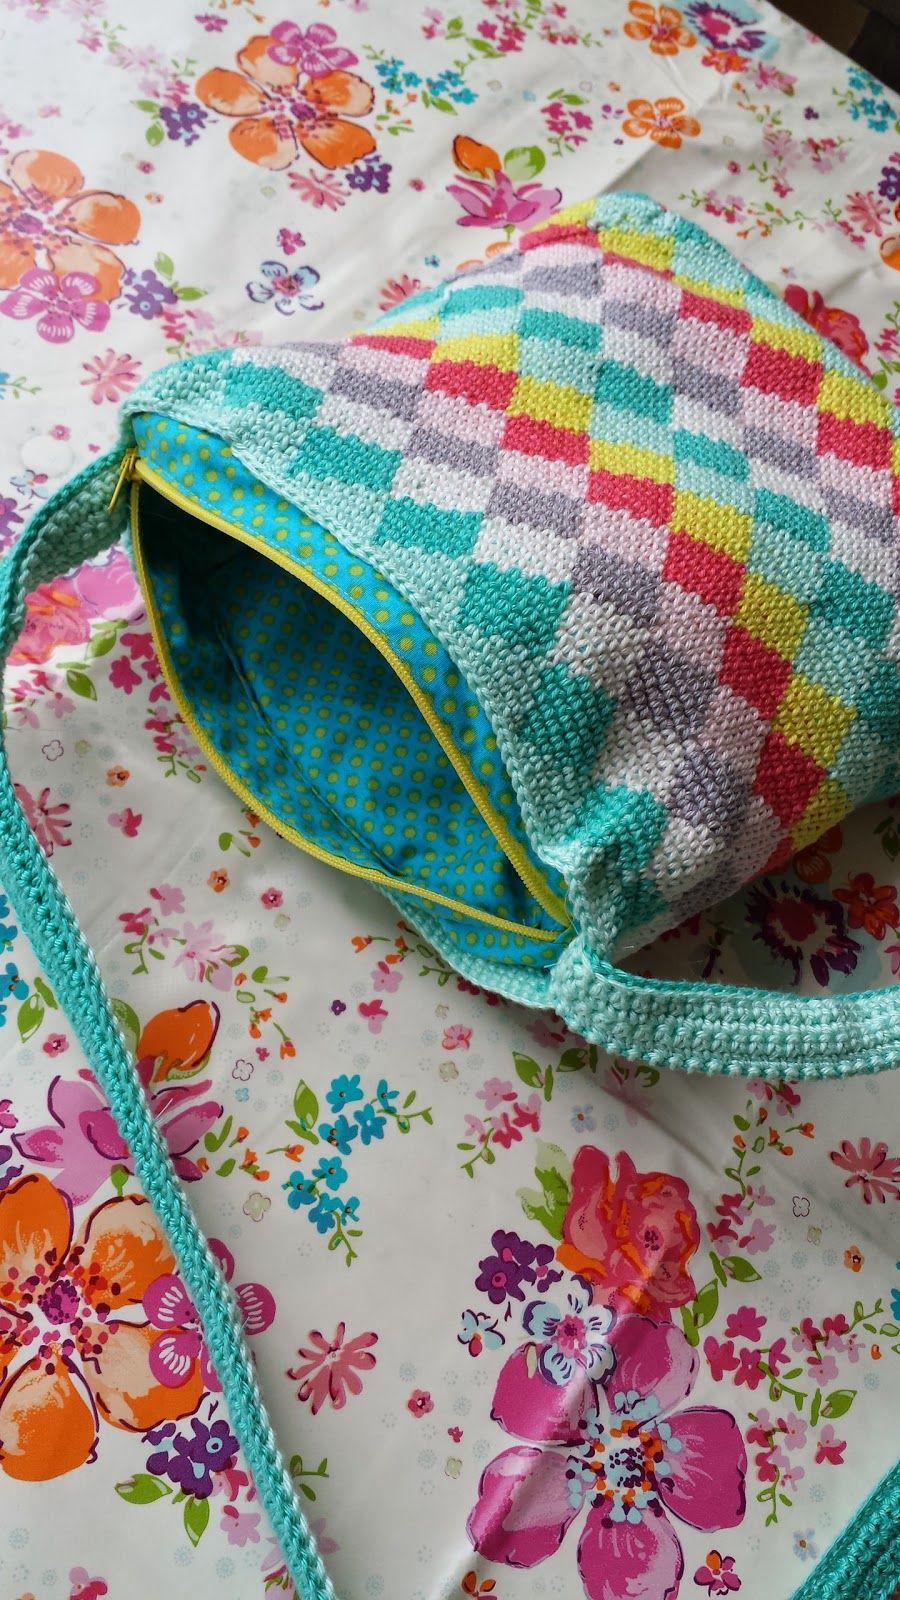 Zelf Maken Met Haakkatoen Tapestry Crochet Geometric Text